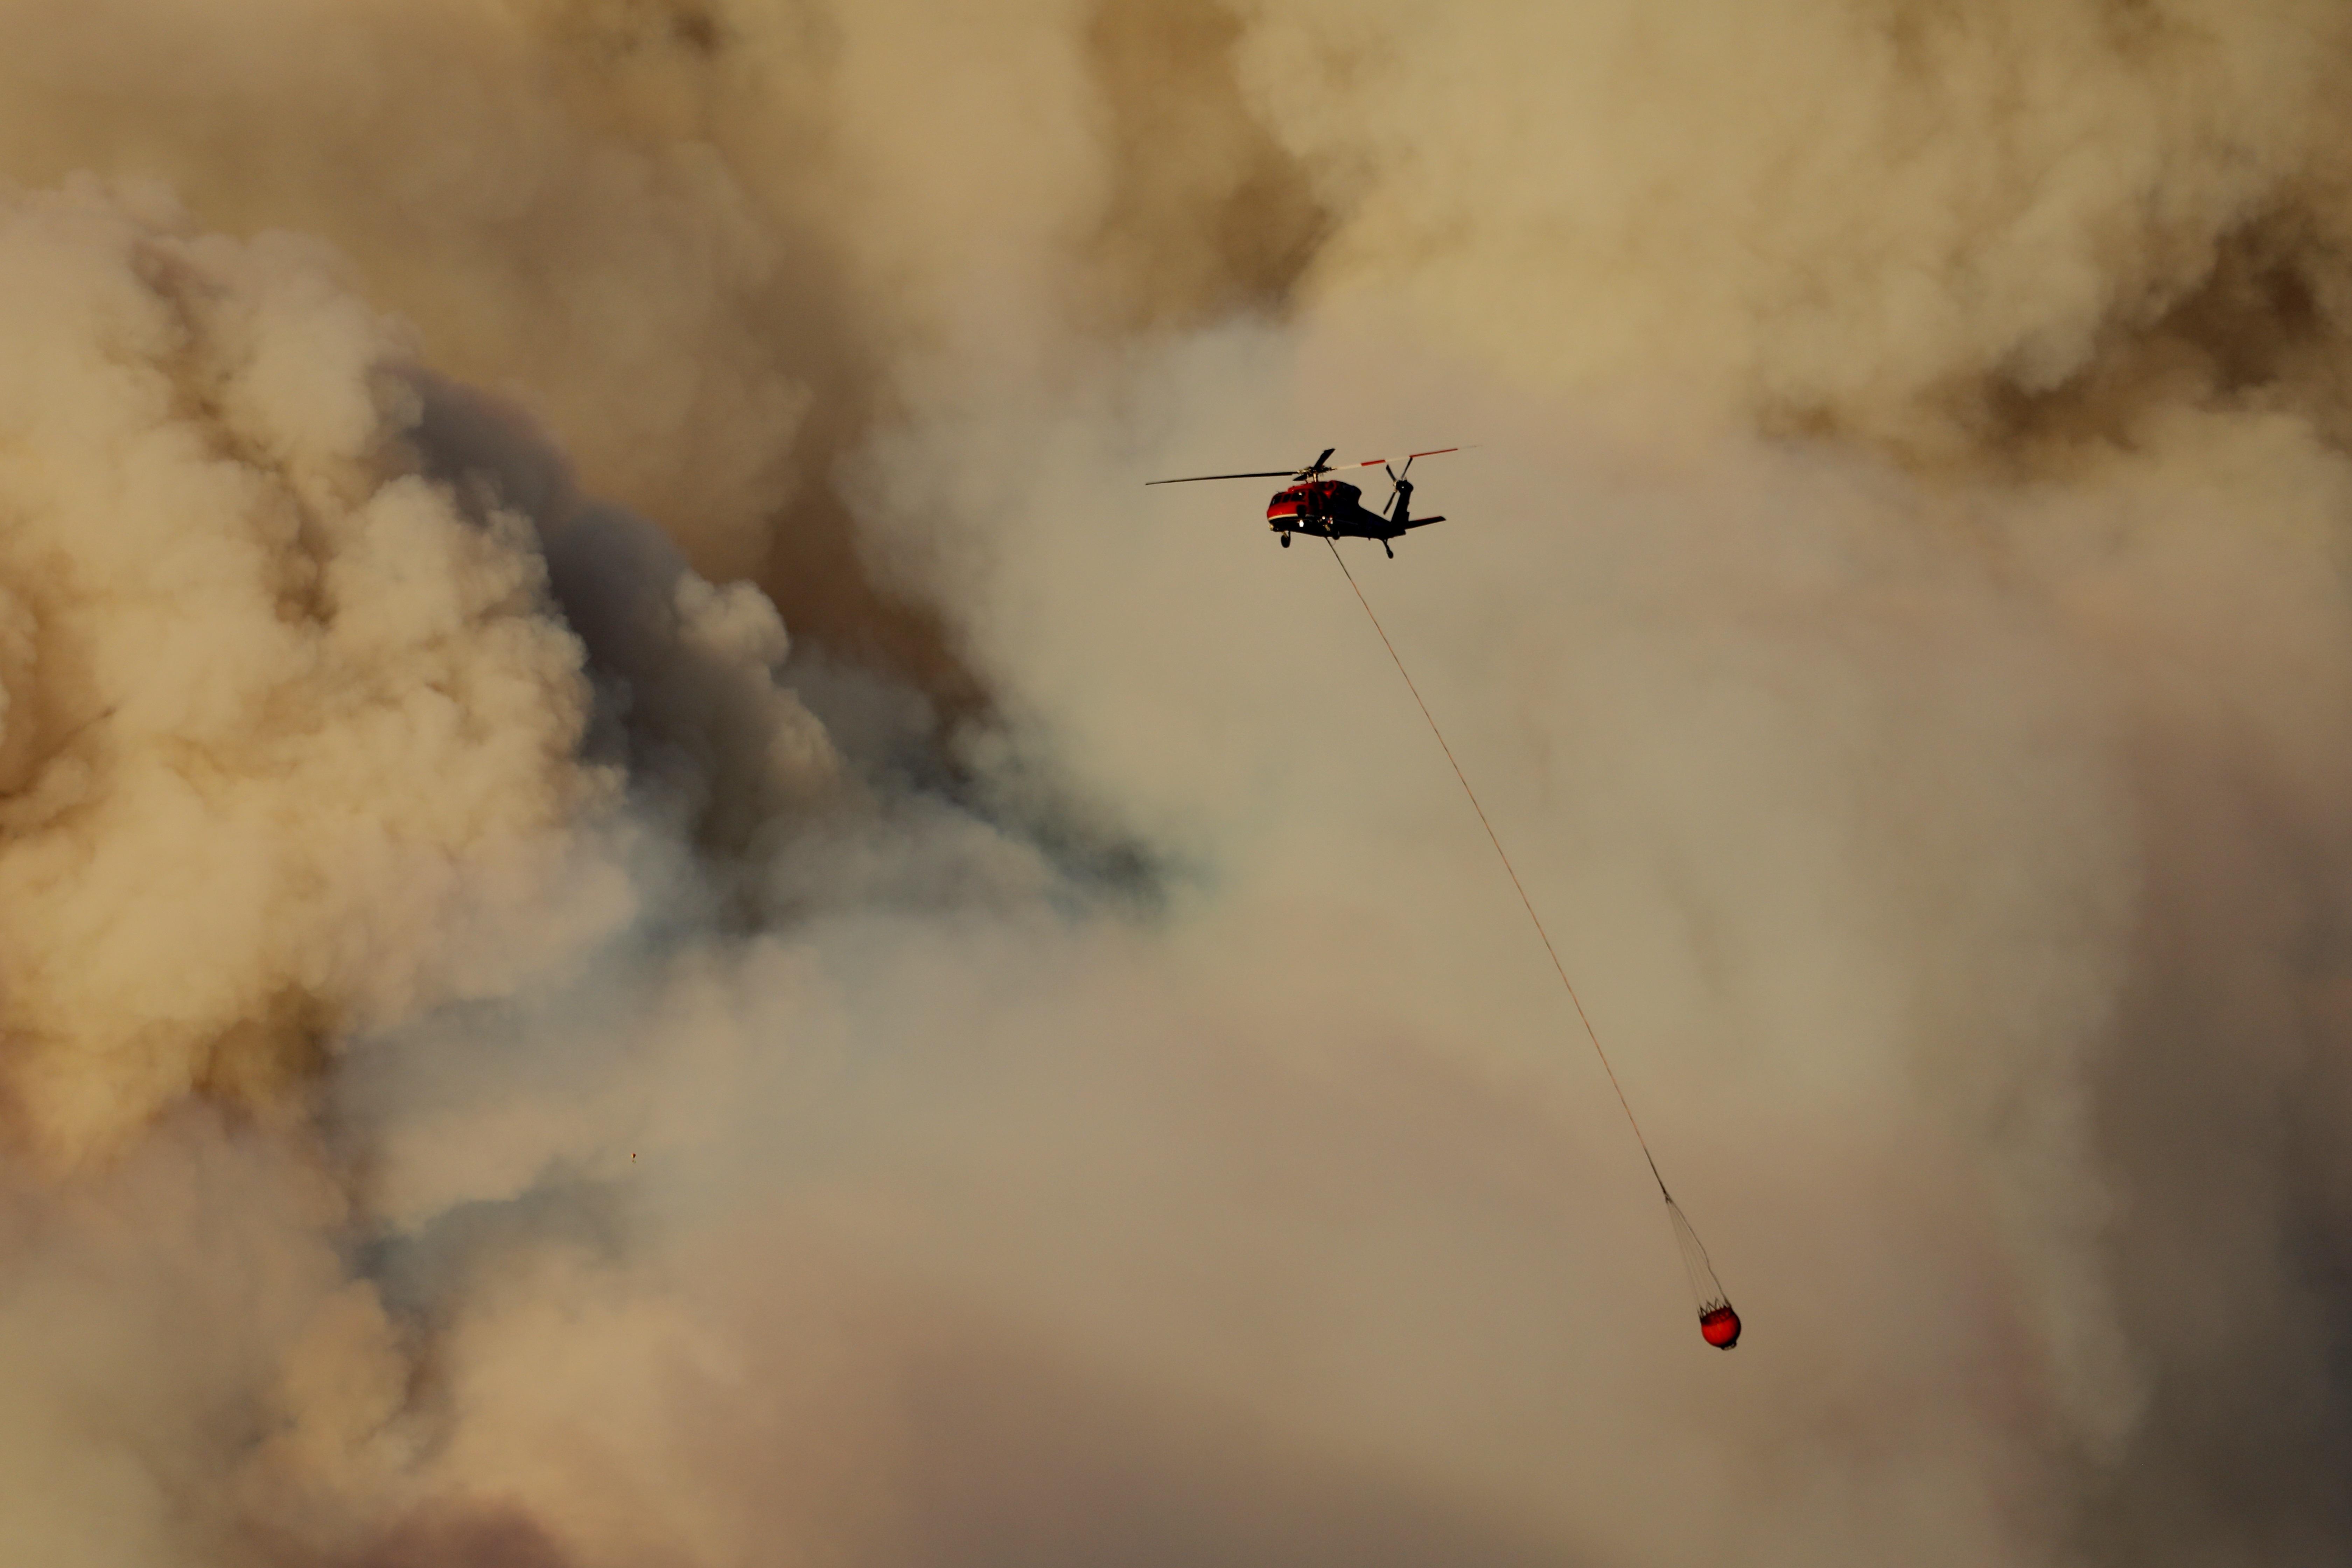 Más de 1,300 bomberos y voluntarios participan en las tareas de extinsión. Foto: DAVID SWANSON / Efe